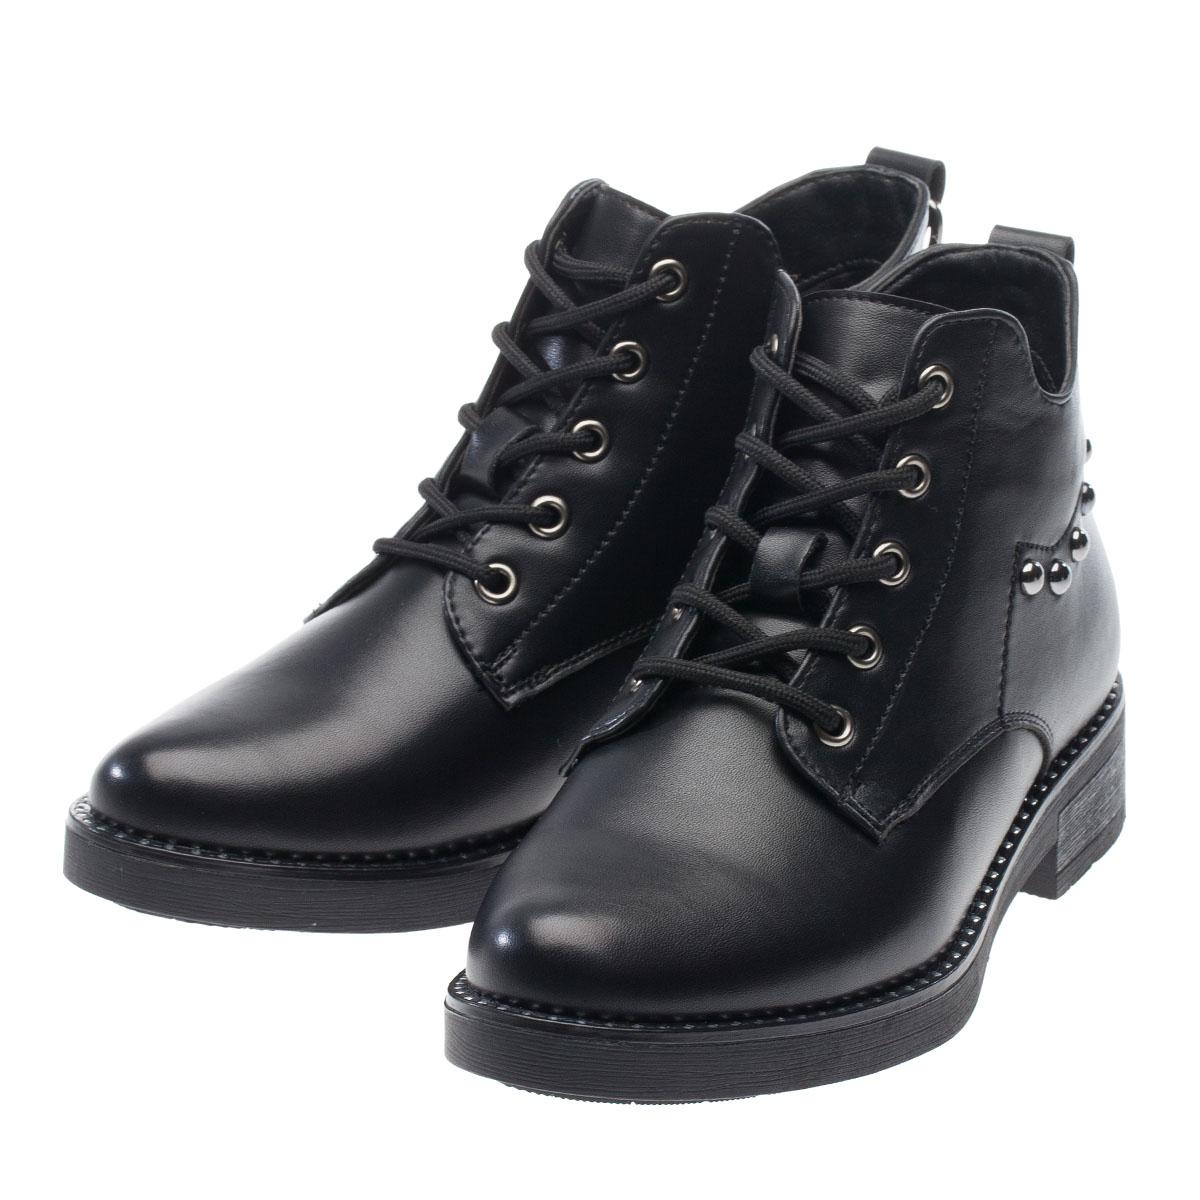 Ботинки демисезонные FERTO, D18-60726